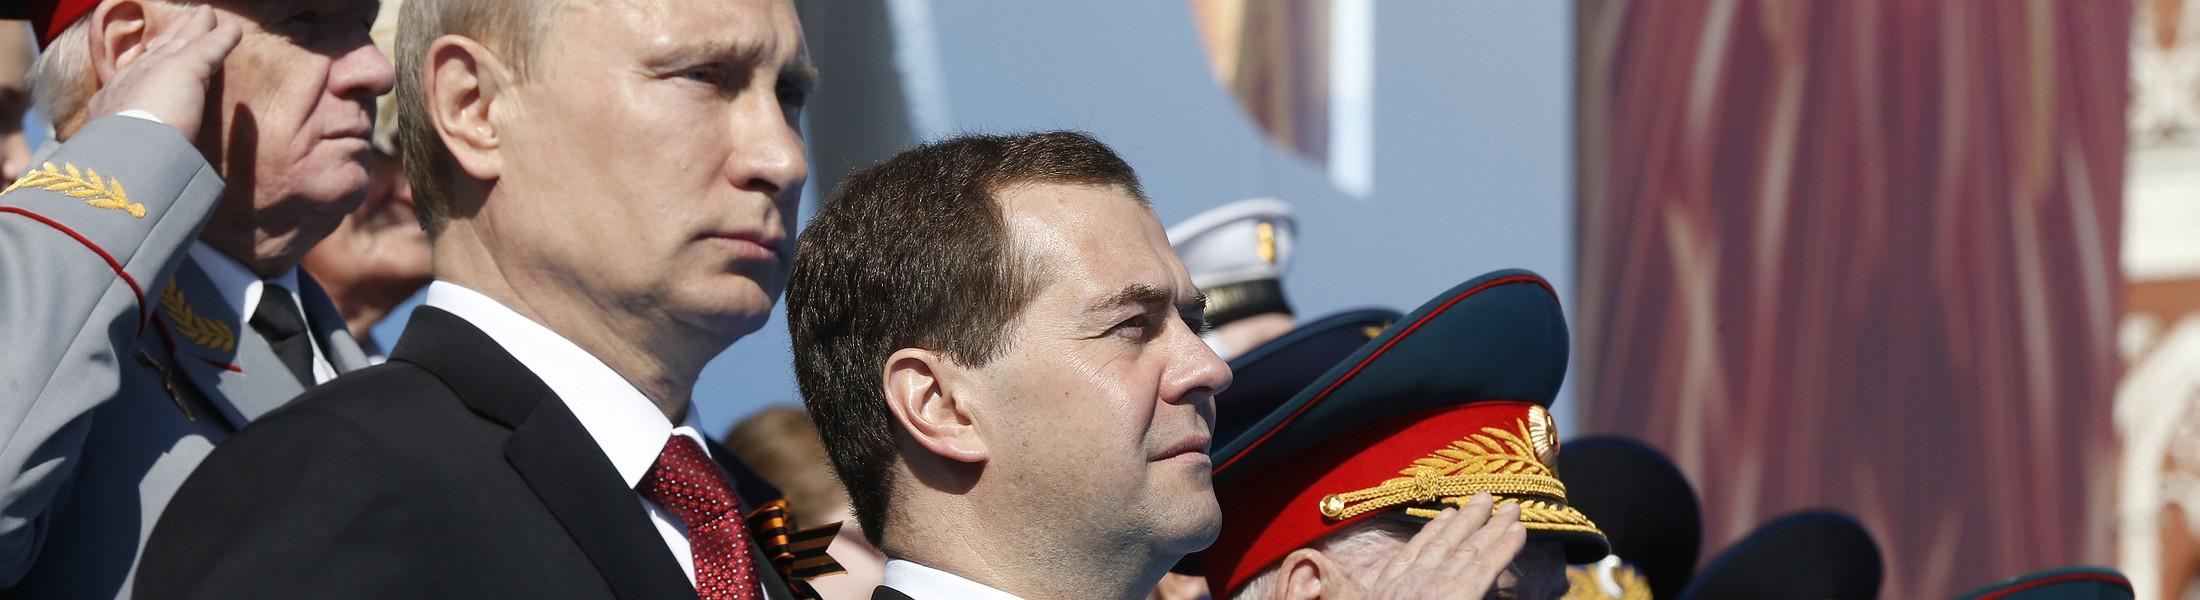 Сказка о великой державе: зачем России нужна война